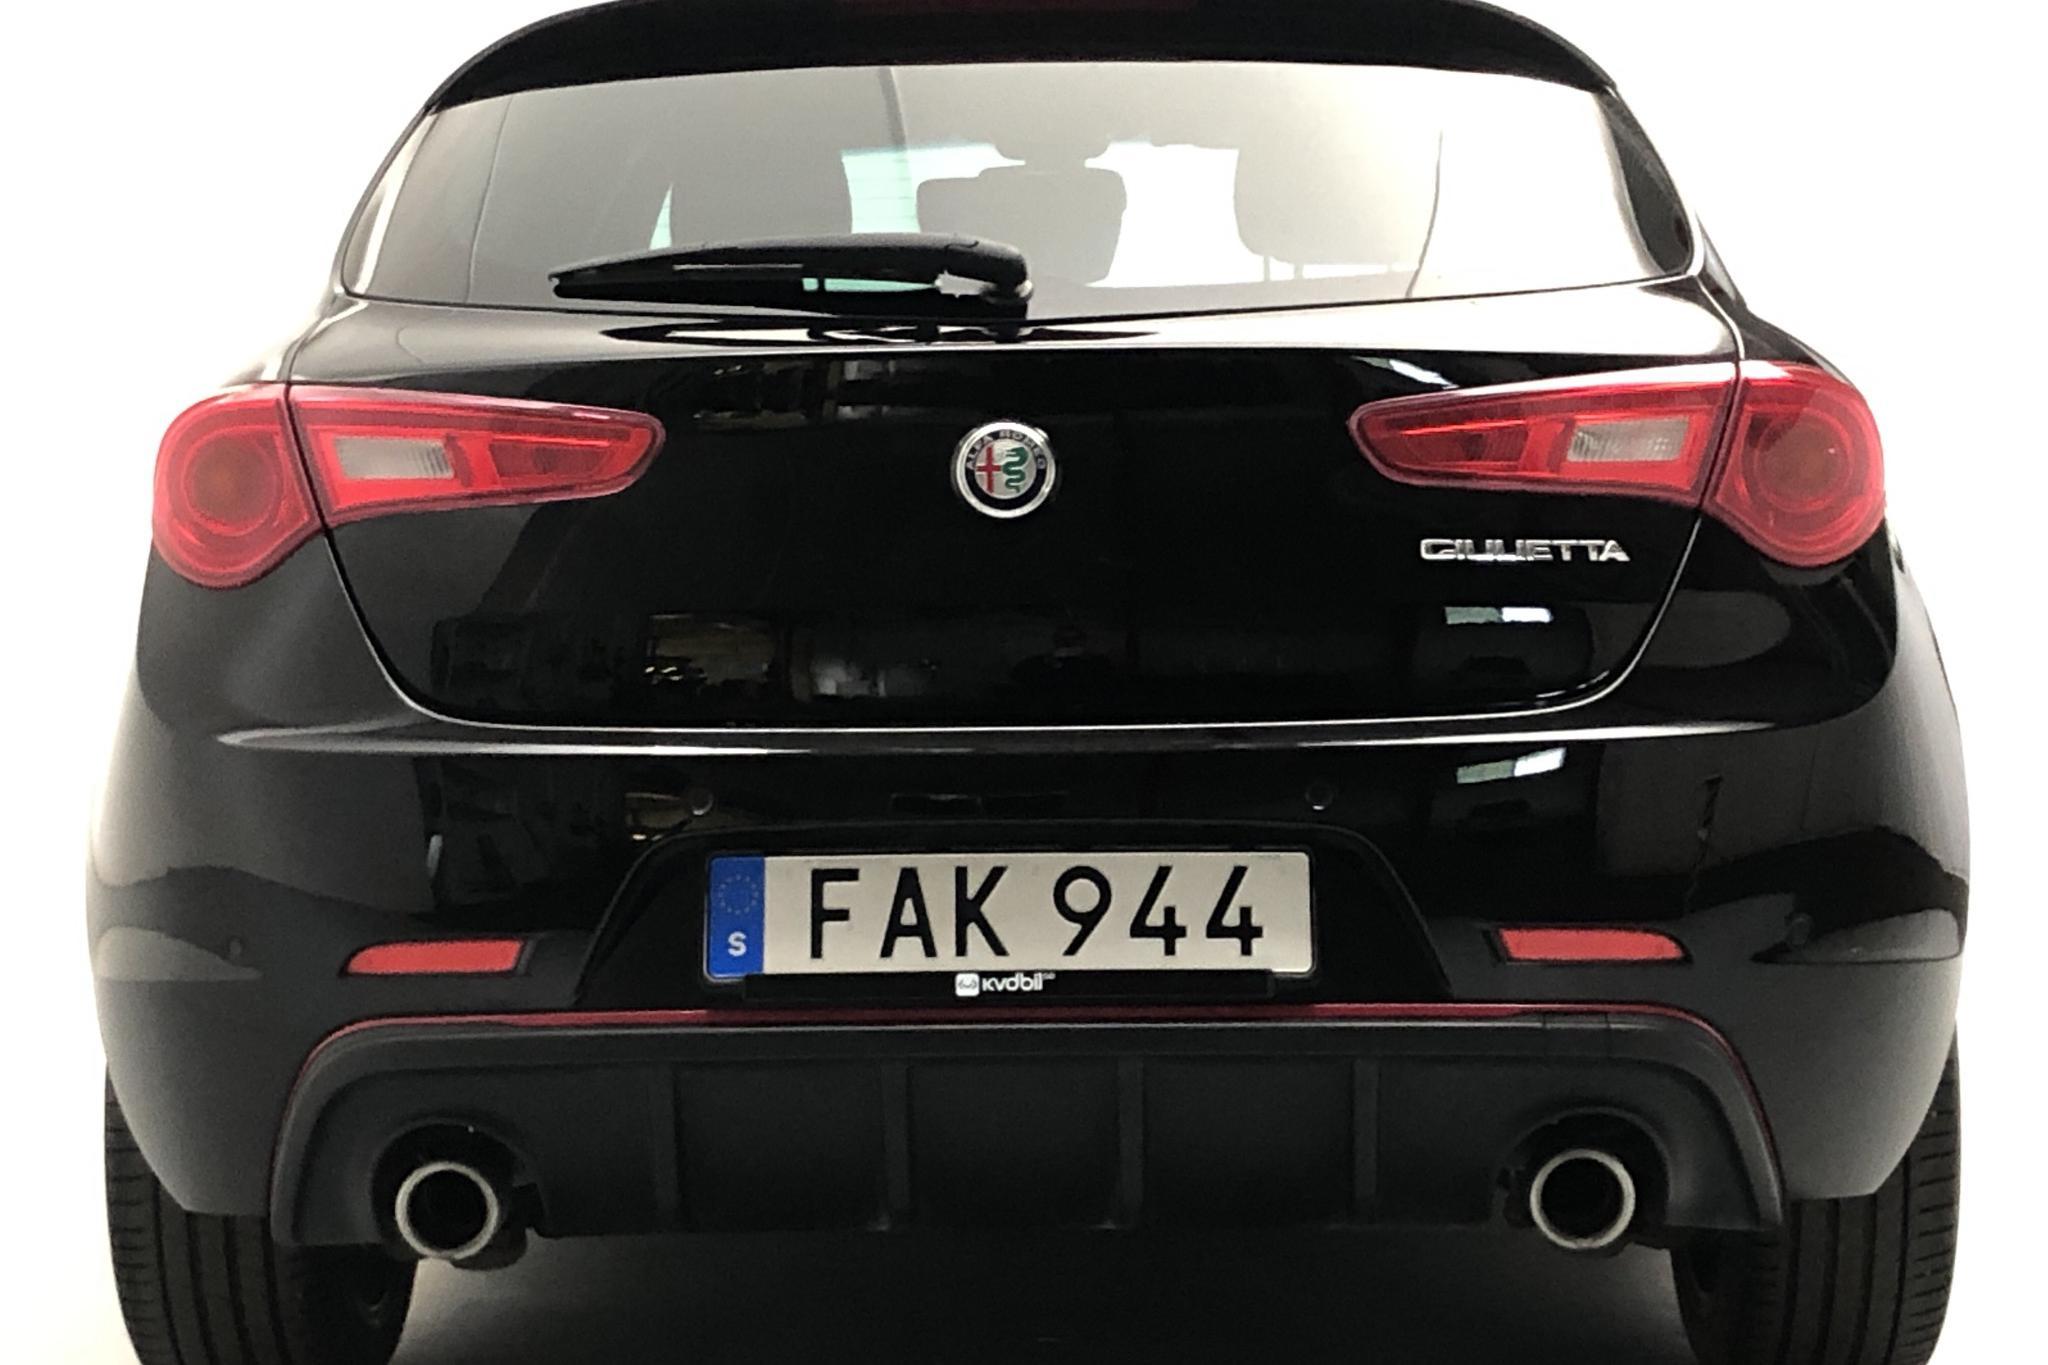 Alfa Romeo Giulietta 2.0 JTDm (150hk) - 47 120 km - Manual - black - 2017